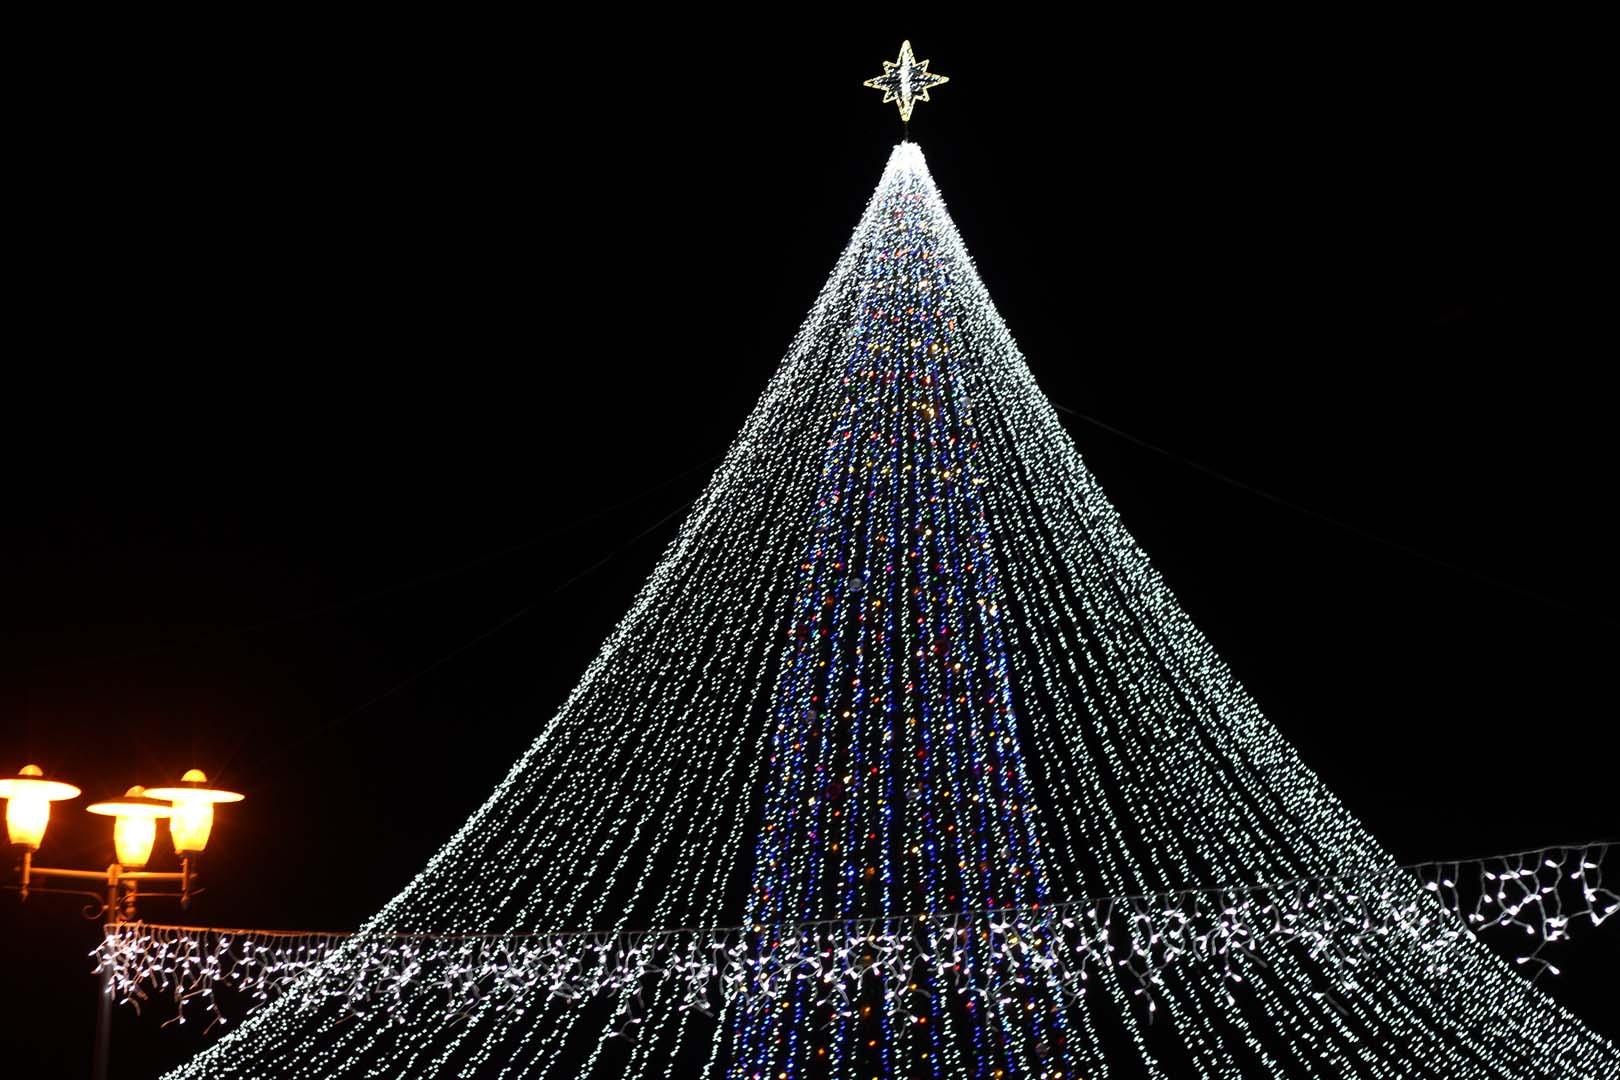 В Лиде зажглась иллюминация и огни на елке, установленной на Дожиночной площади.